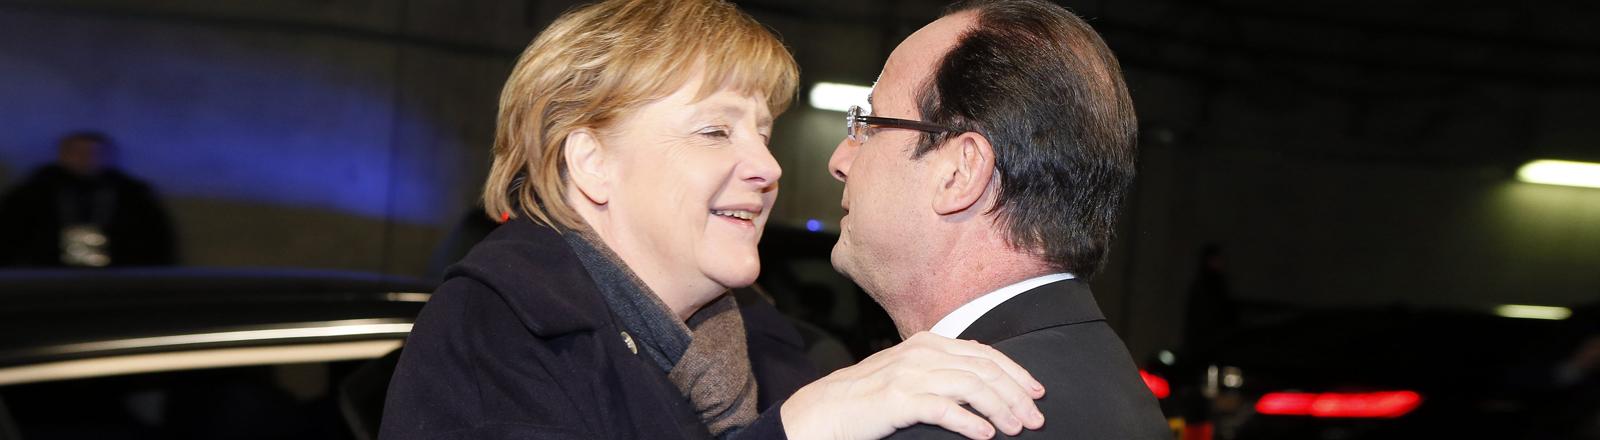 Kanzlerin Angela Merkel umarmt Frankreichs Präsident Hollande zur Begrüßung. Entstehungsdatum 07.02.2013